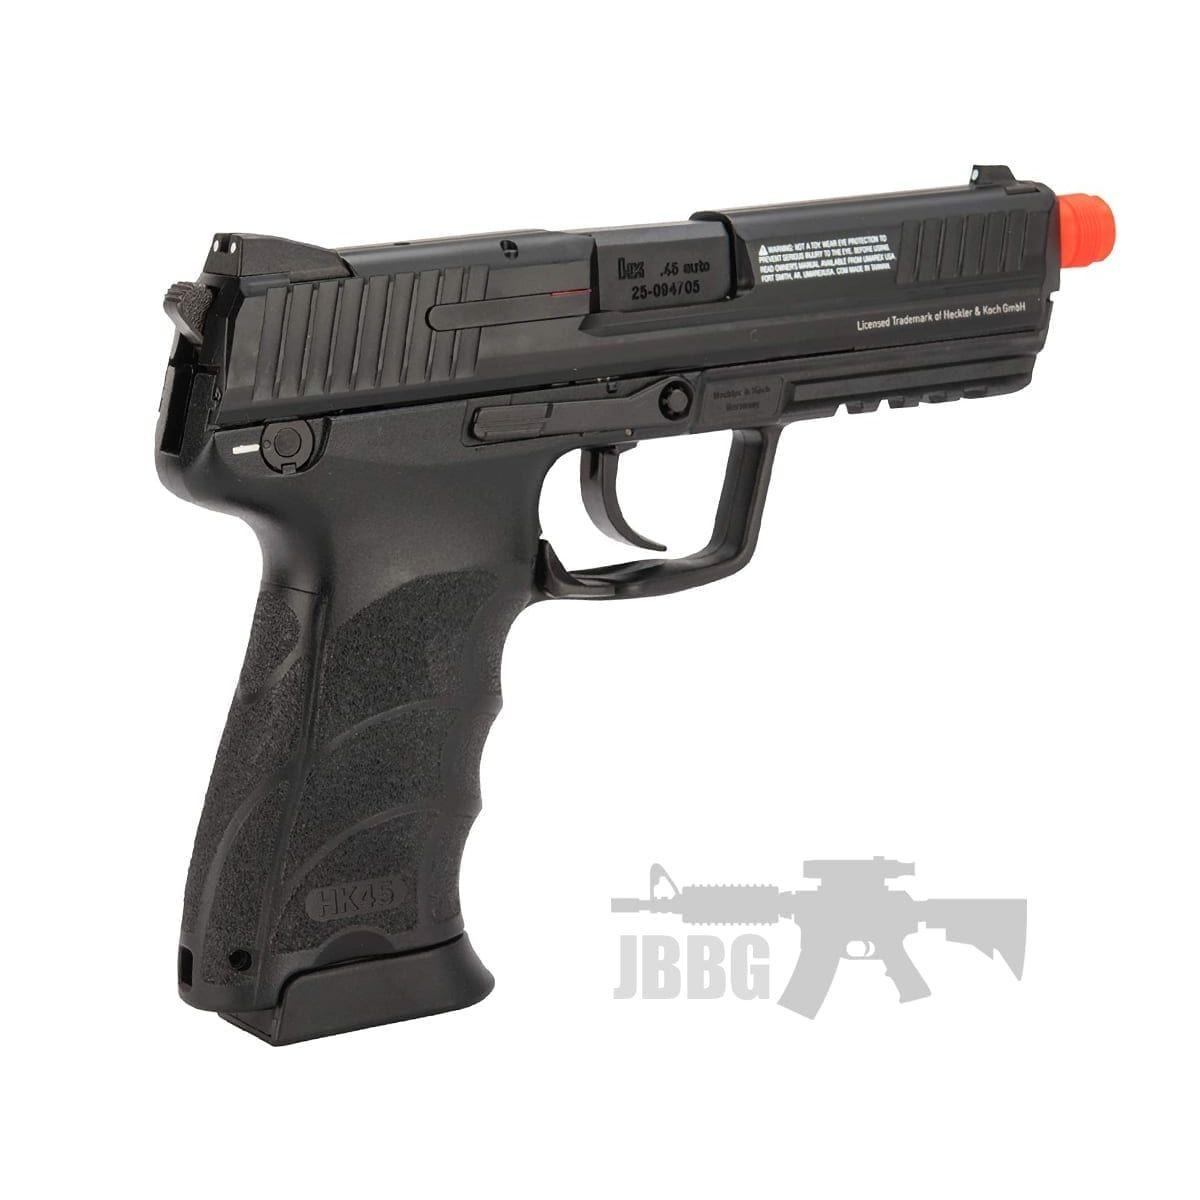 hk45 gbb pistol